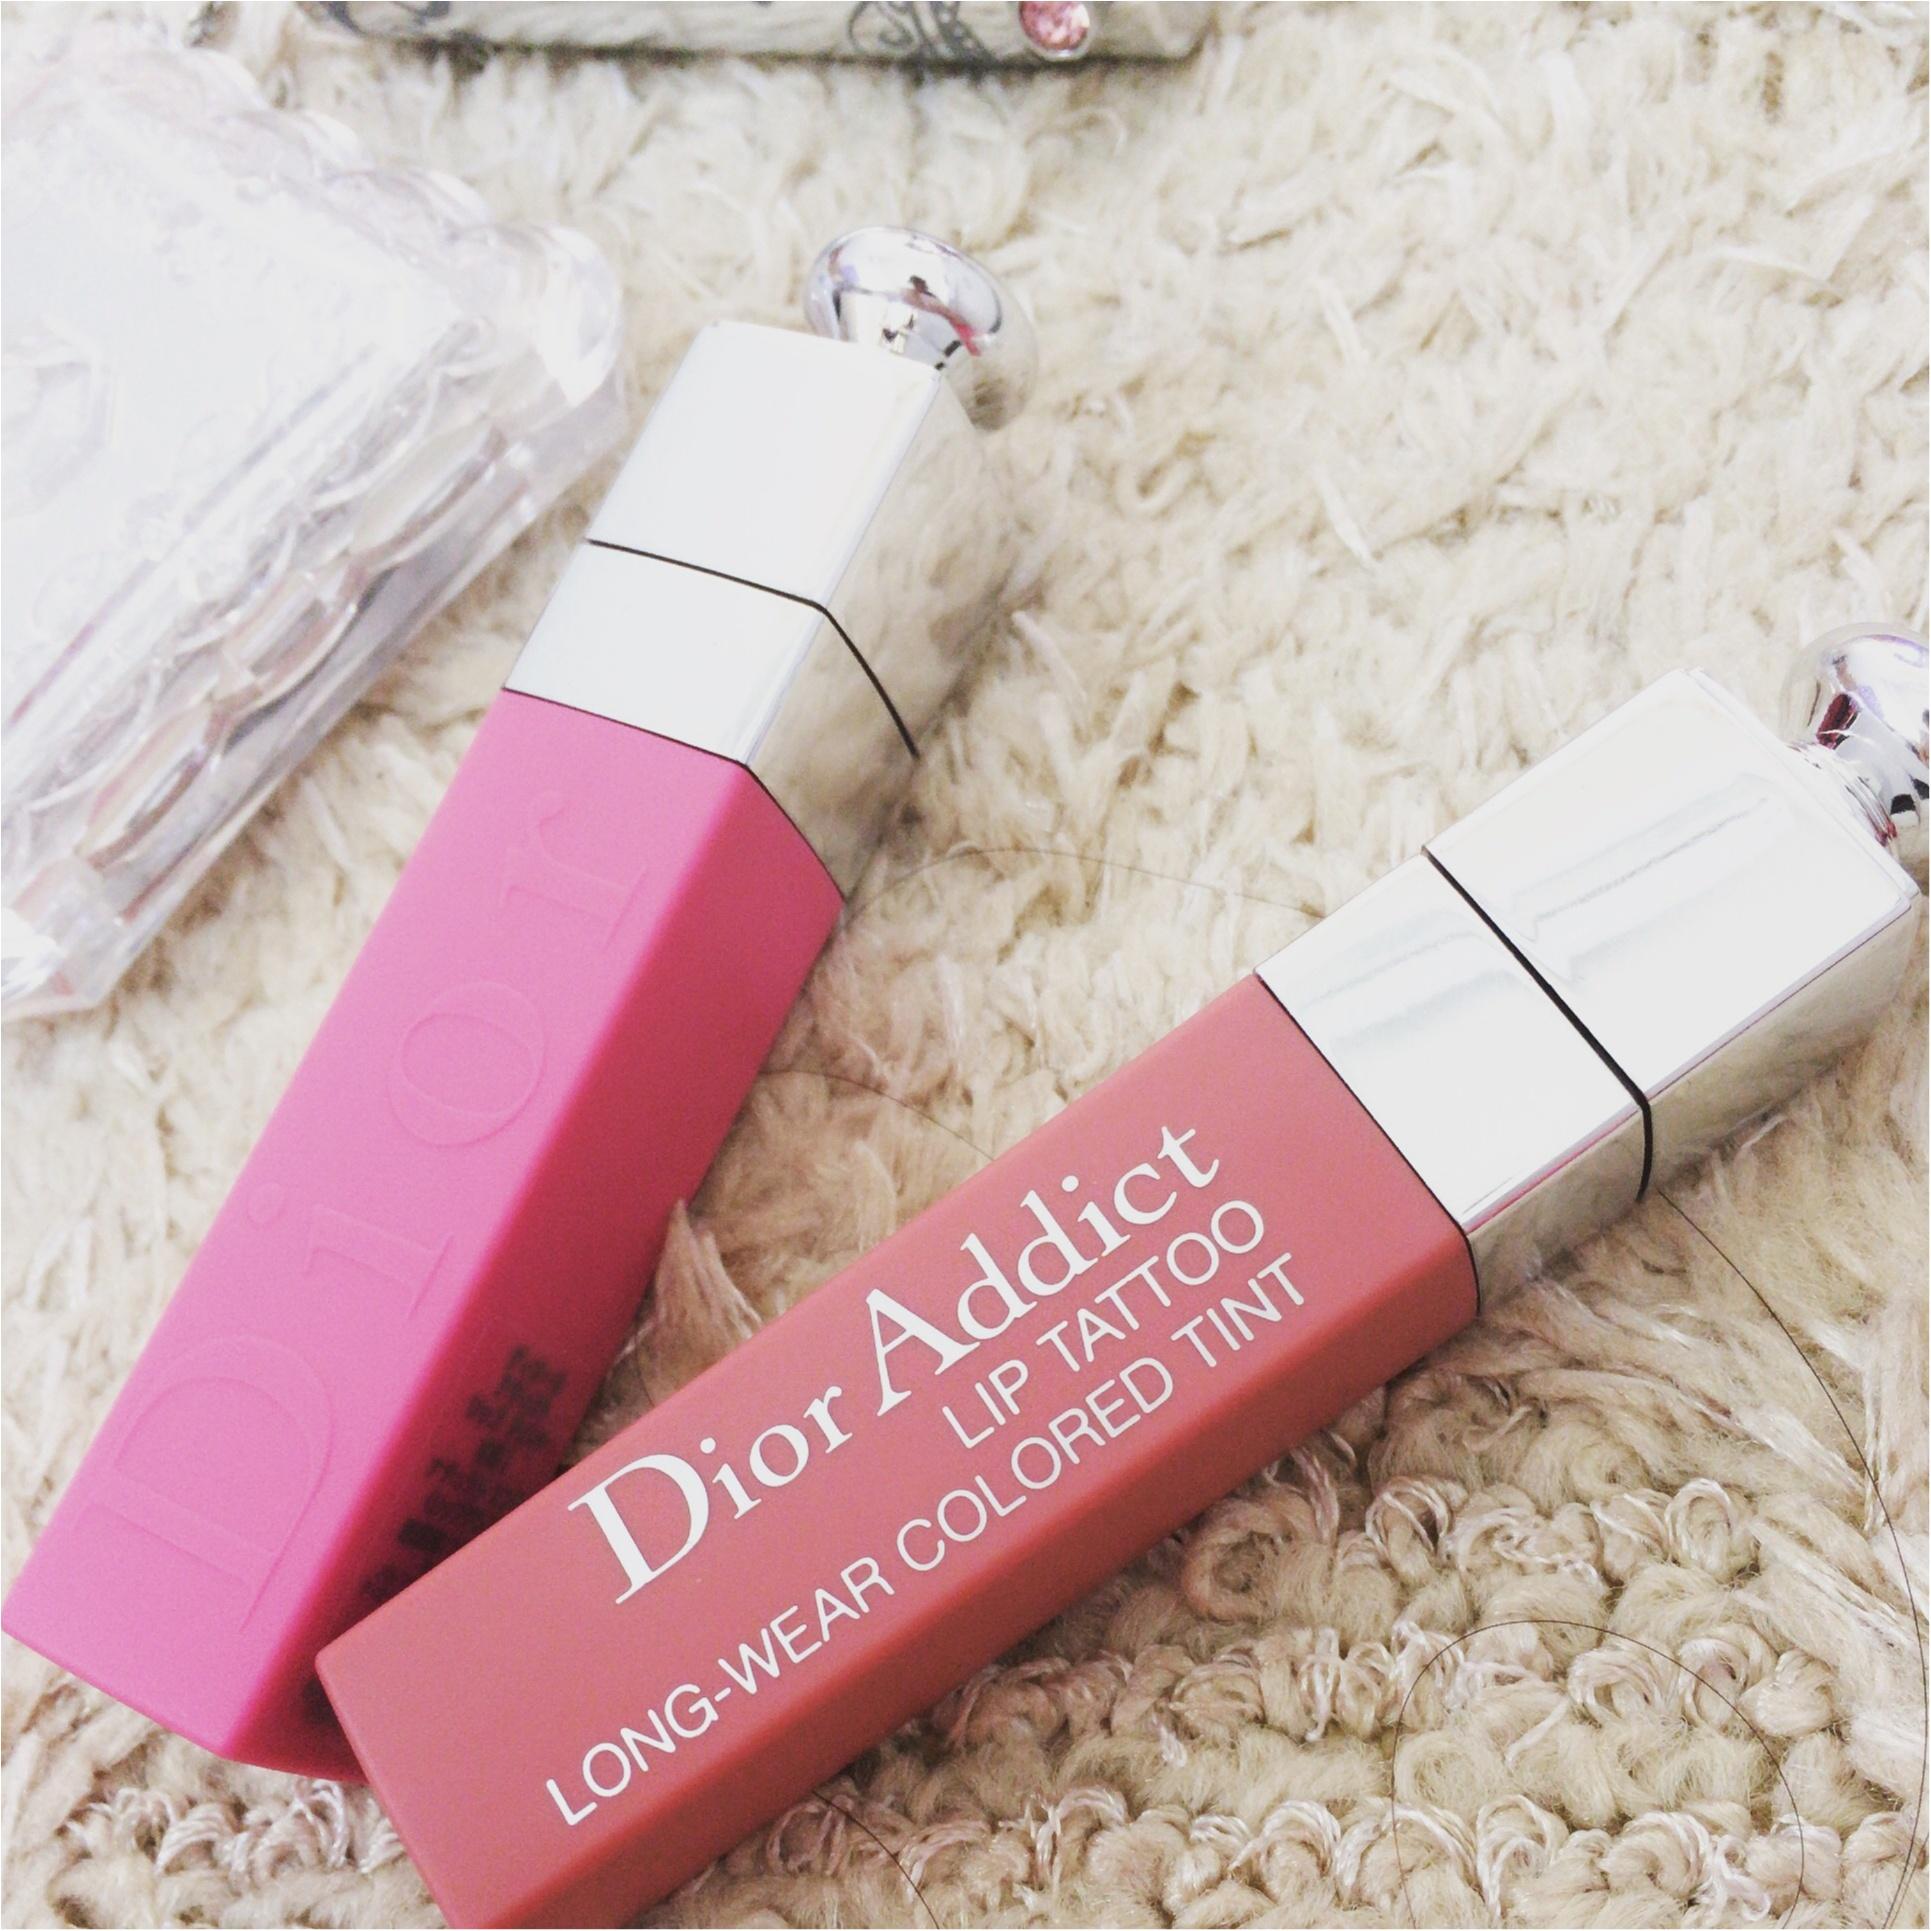 """暑さに負けない!落ちない!Dior Addict LIP TATTOOで""""キスプルーフ""""な夏メイク♡_1"""